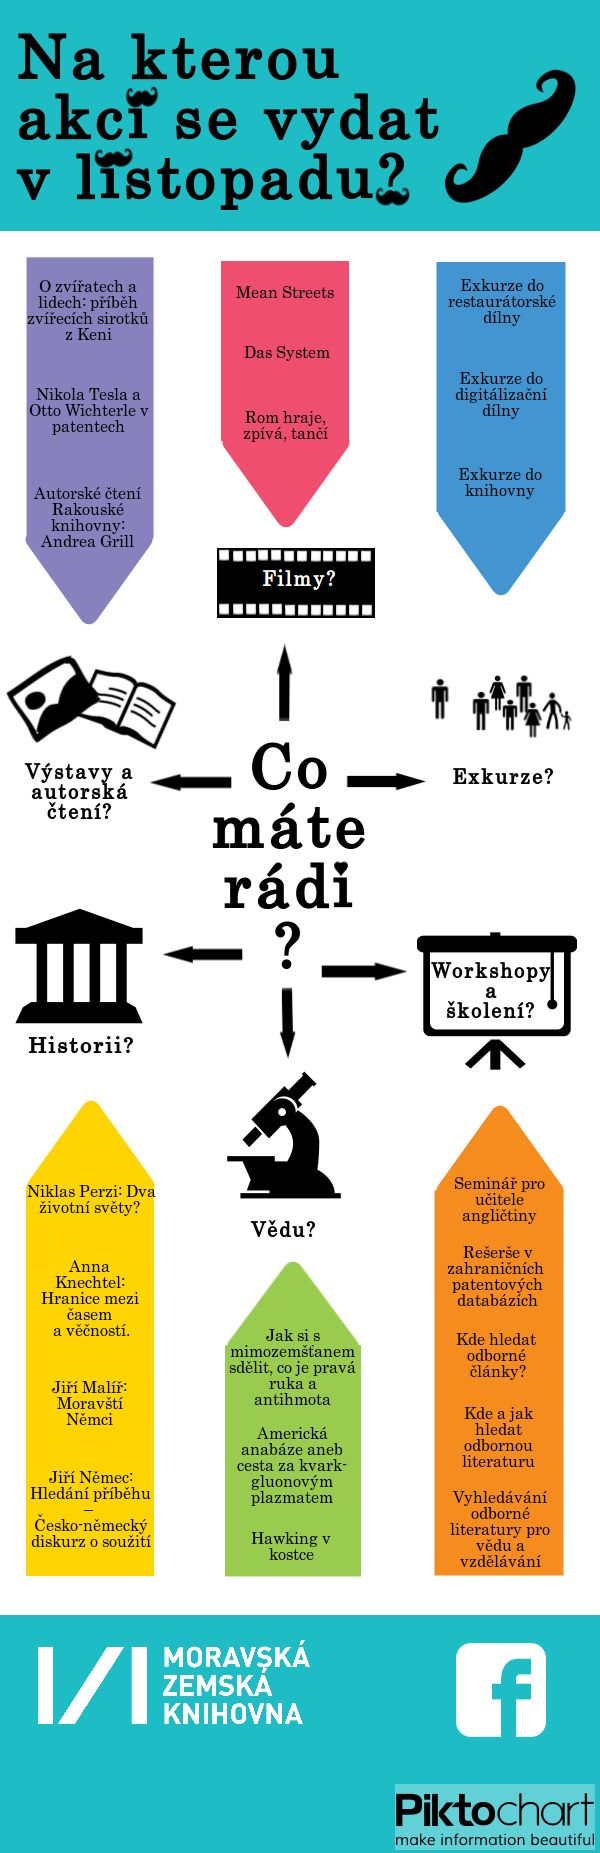 Infografika s listopadovými akcemi: http://duha.mzk.cz/blog/na-kterou-akci-se-vydat-v-listopadu